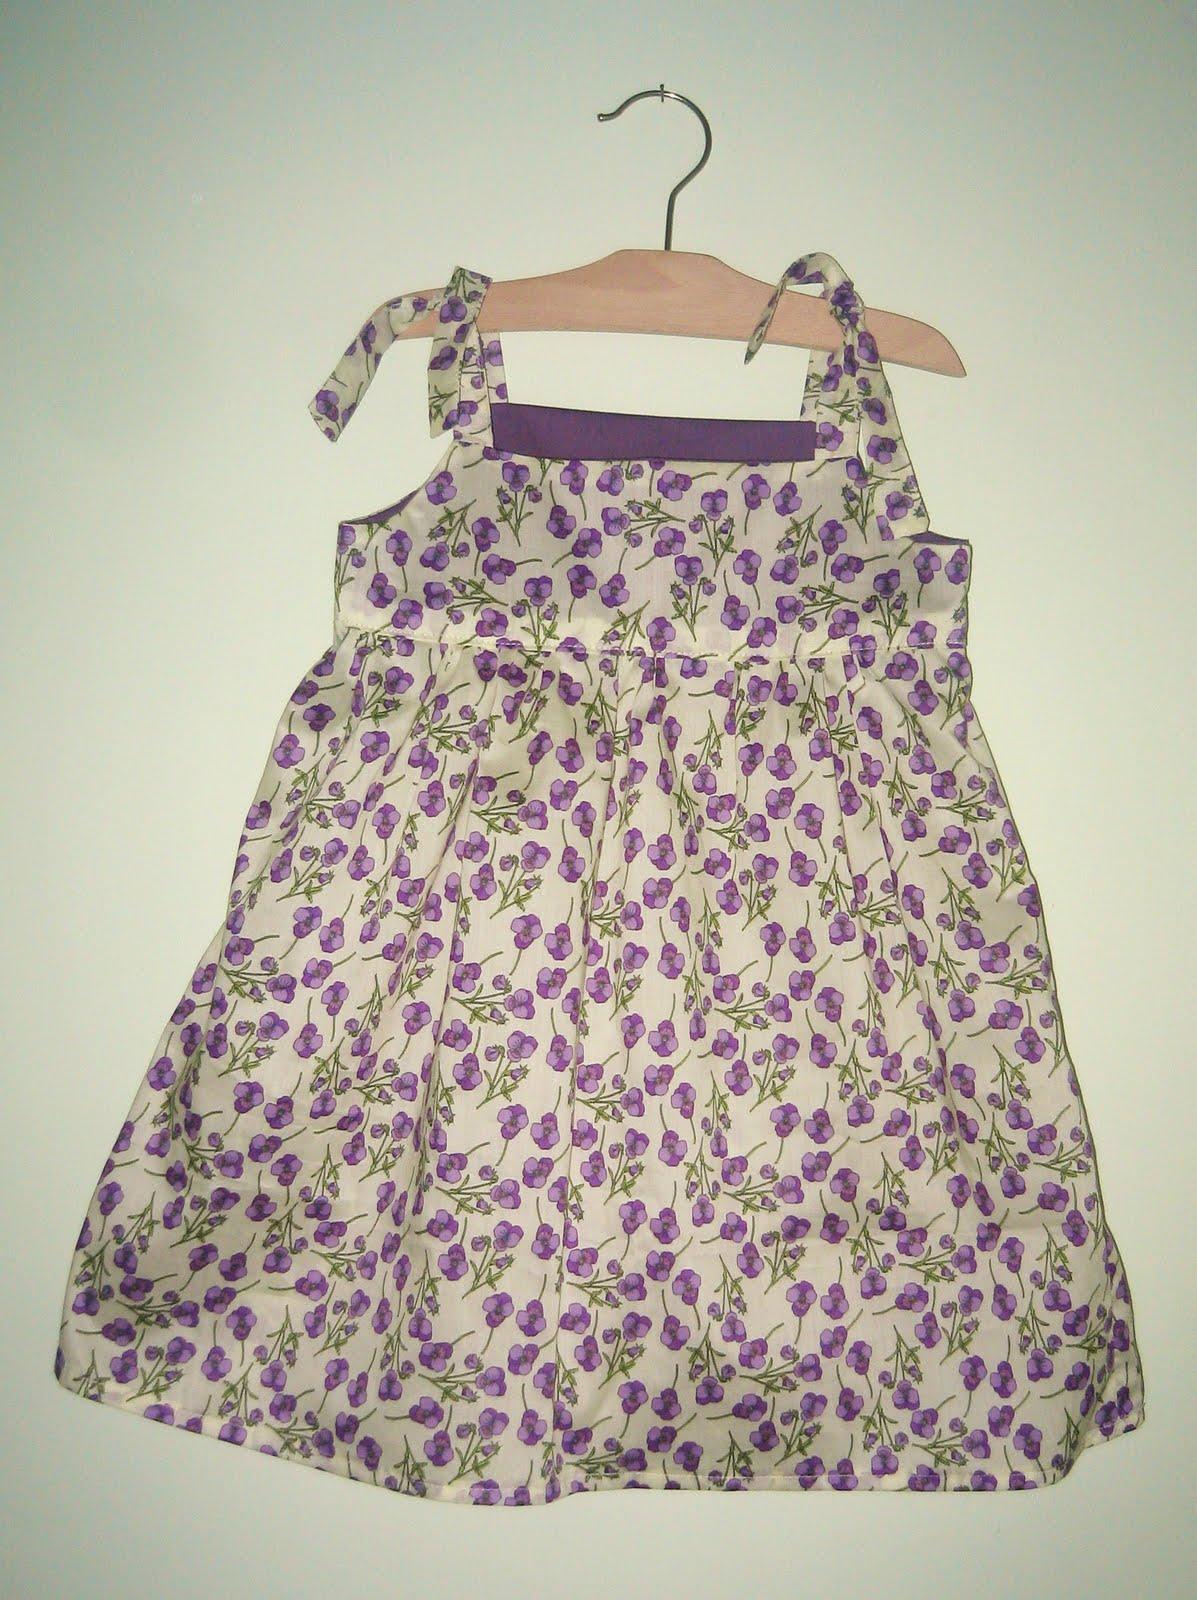 low priced 42ad4 af2a7 La sciarpa che canta: Cartamodello Vestito bimba per l'estate